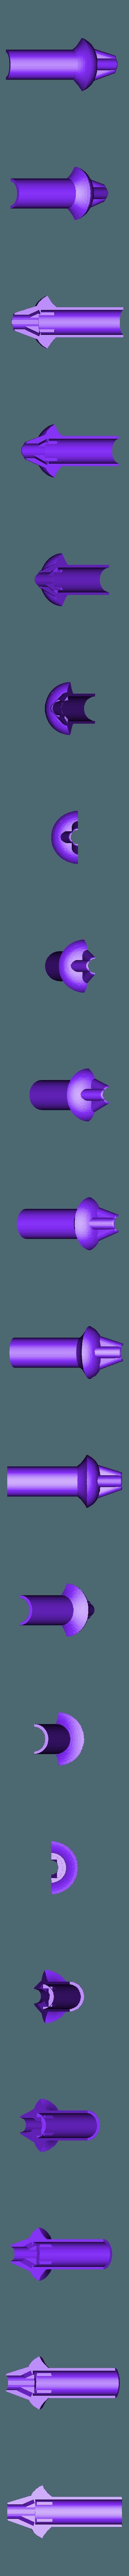 MS-Pommel.stl Télécharger fichier STL gratuit LED Zelda Master • Modèle pour imprimante 3D, Adafruit